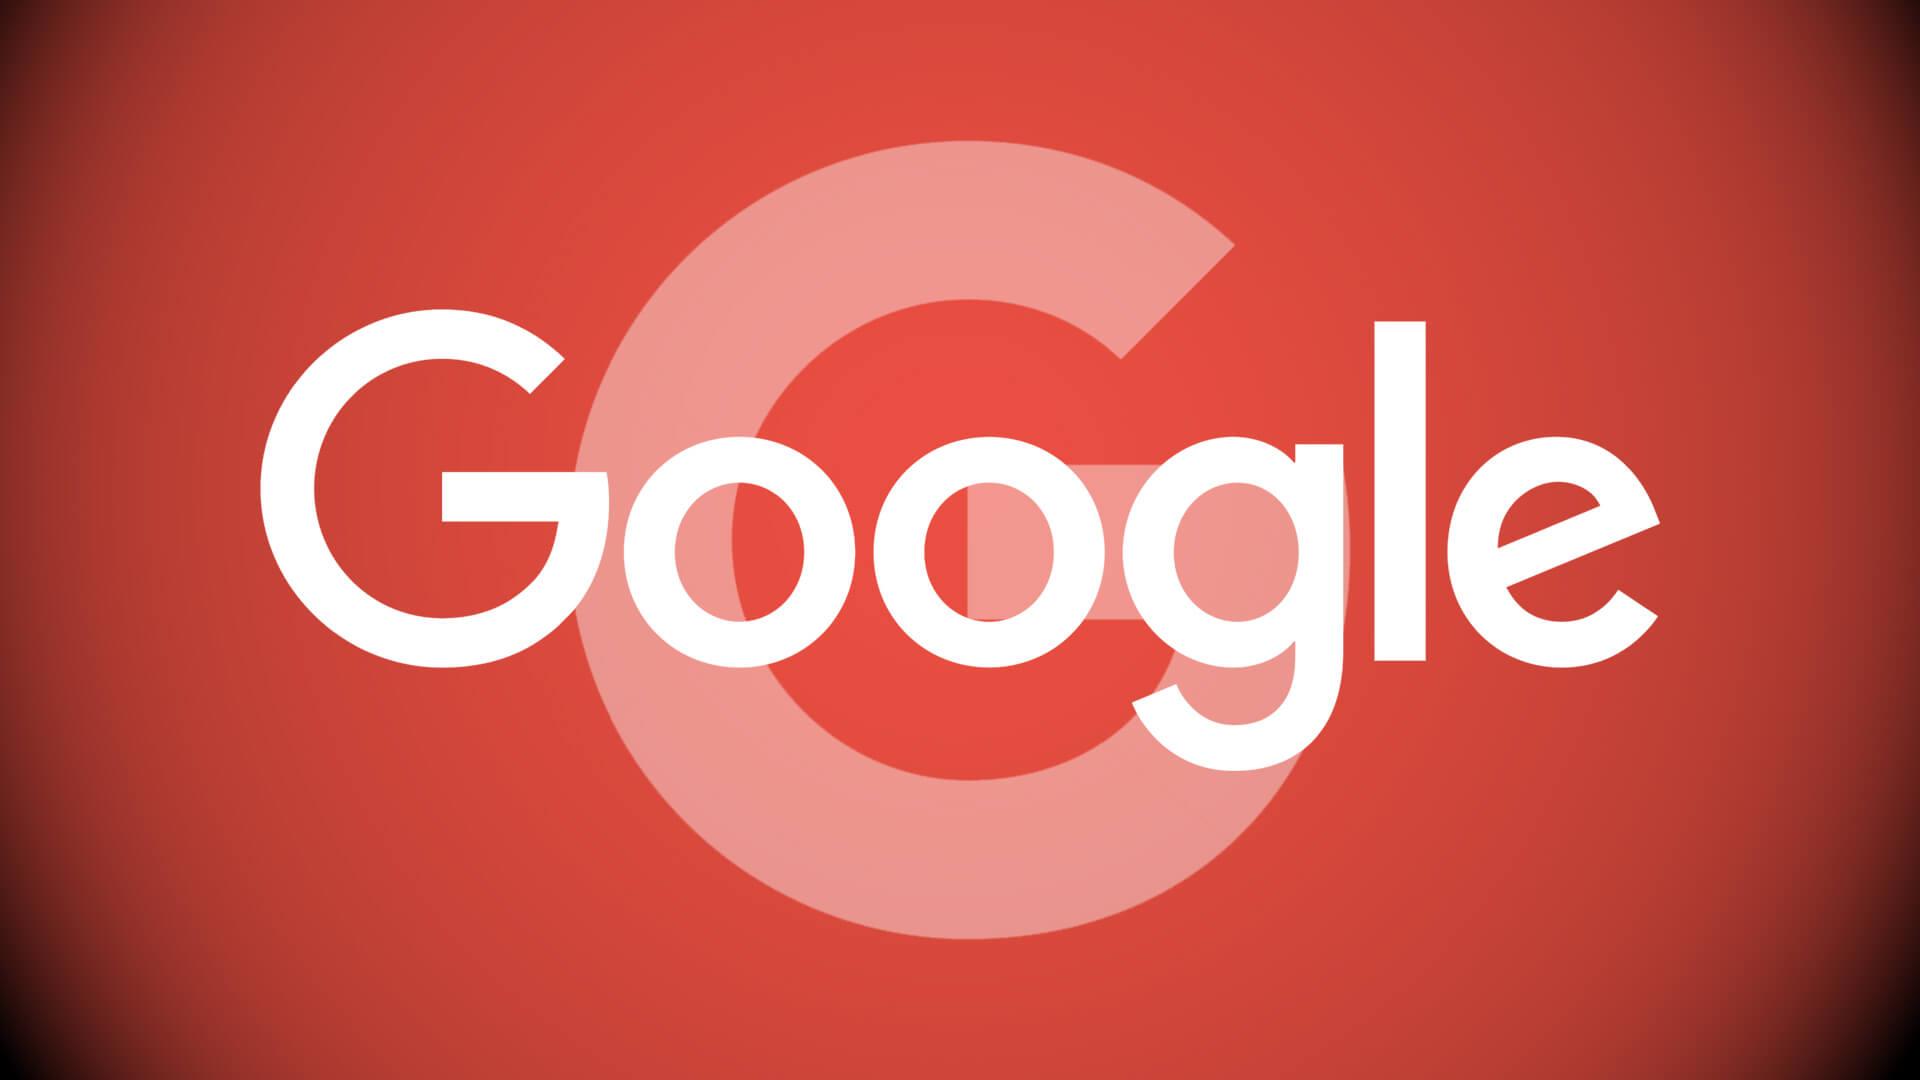 Estas son las métricas de informes de Google Ads que aún se ven afectadas por el error del 2 de mayo